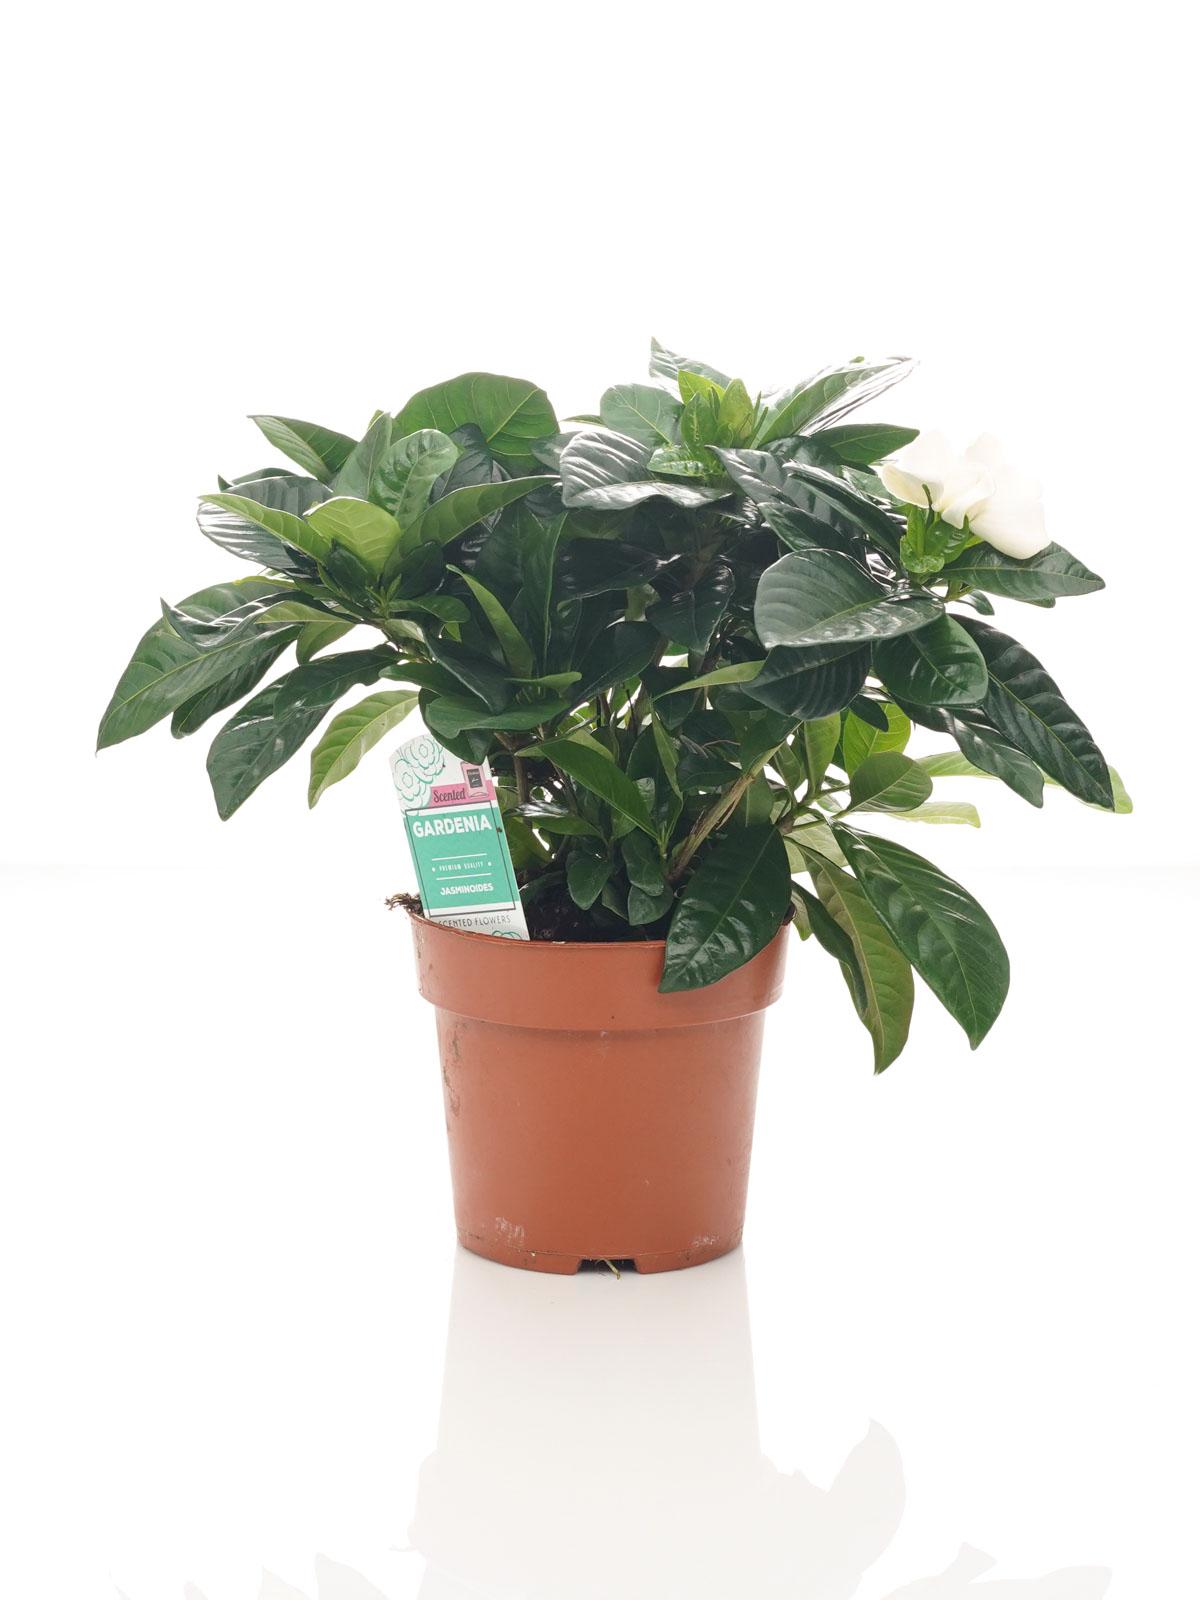 جاردينيا 'نباتات خارجية'